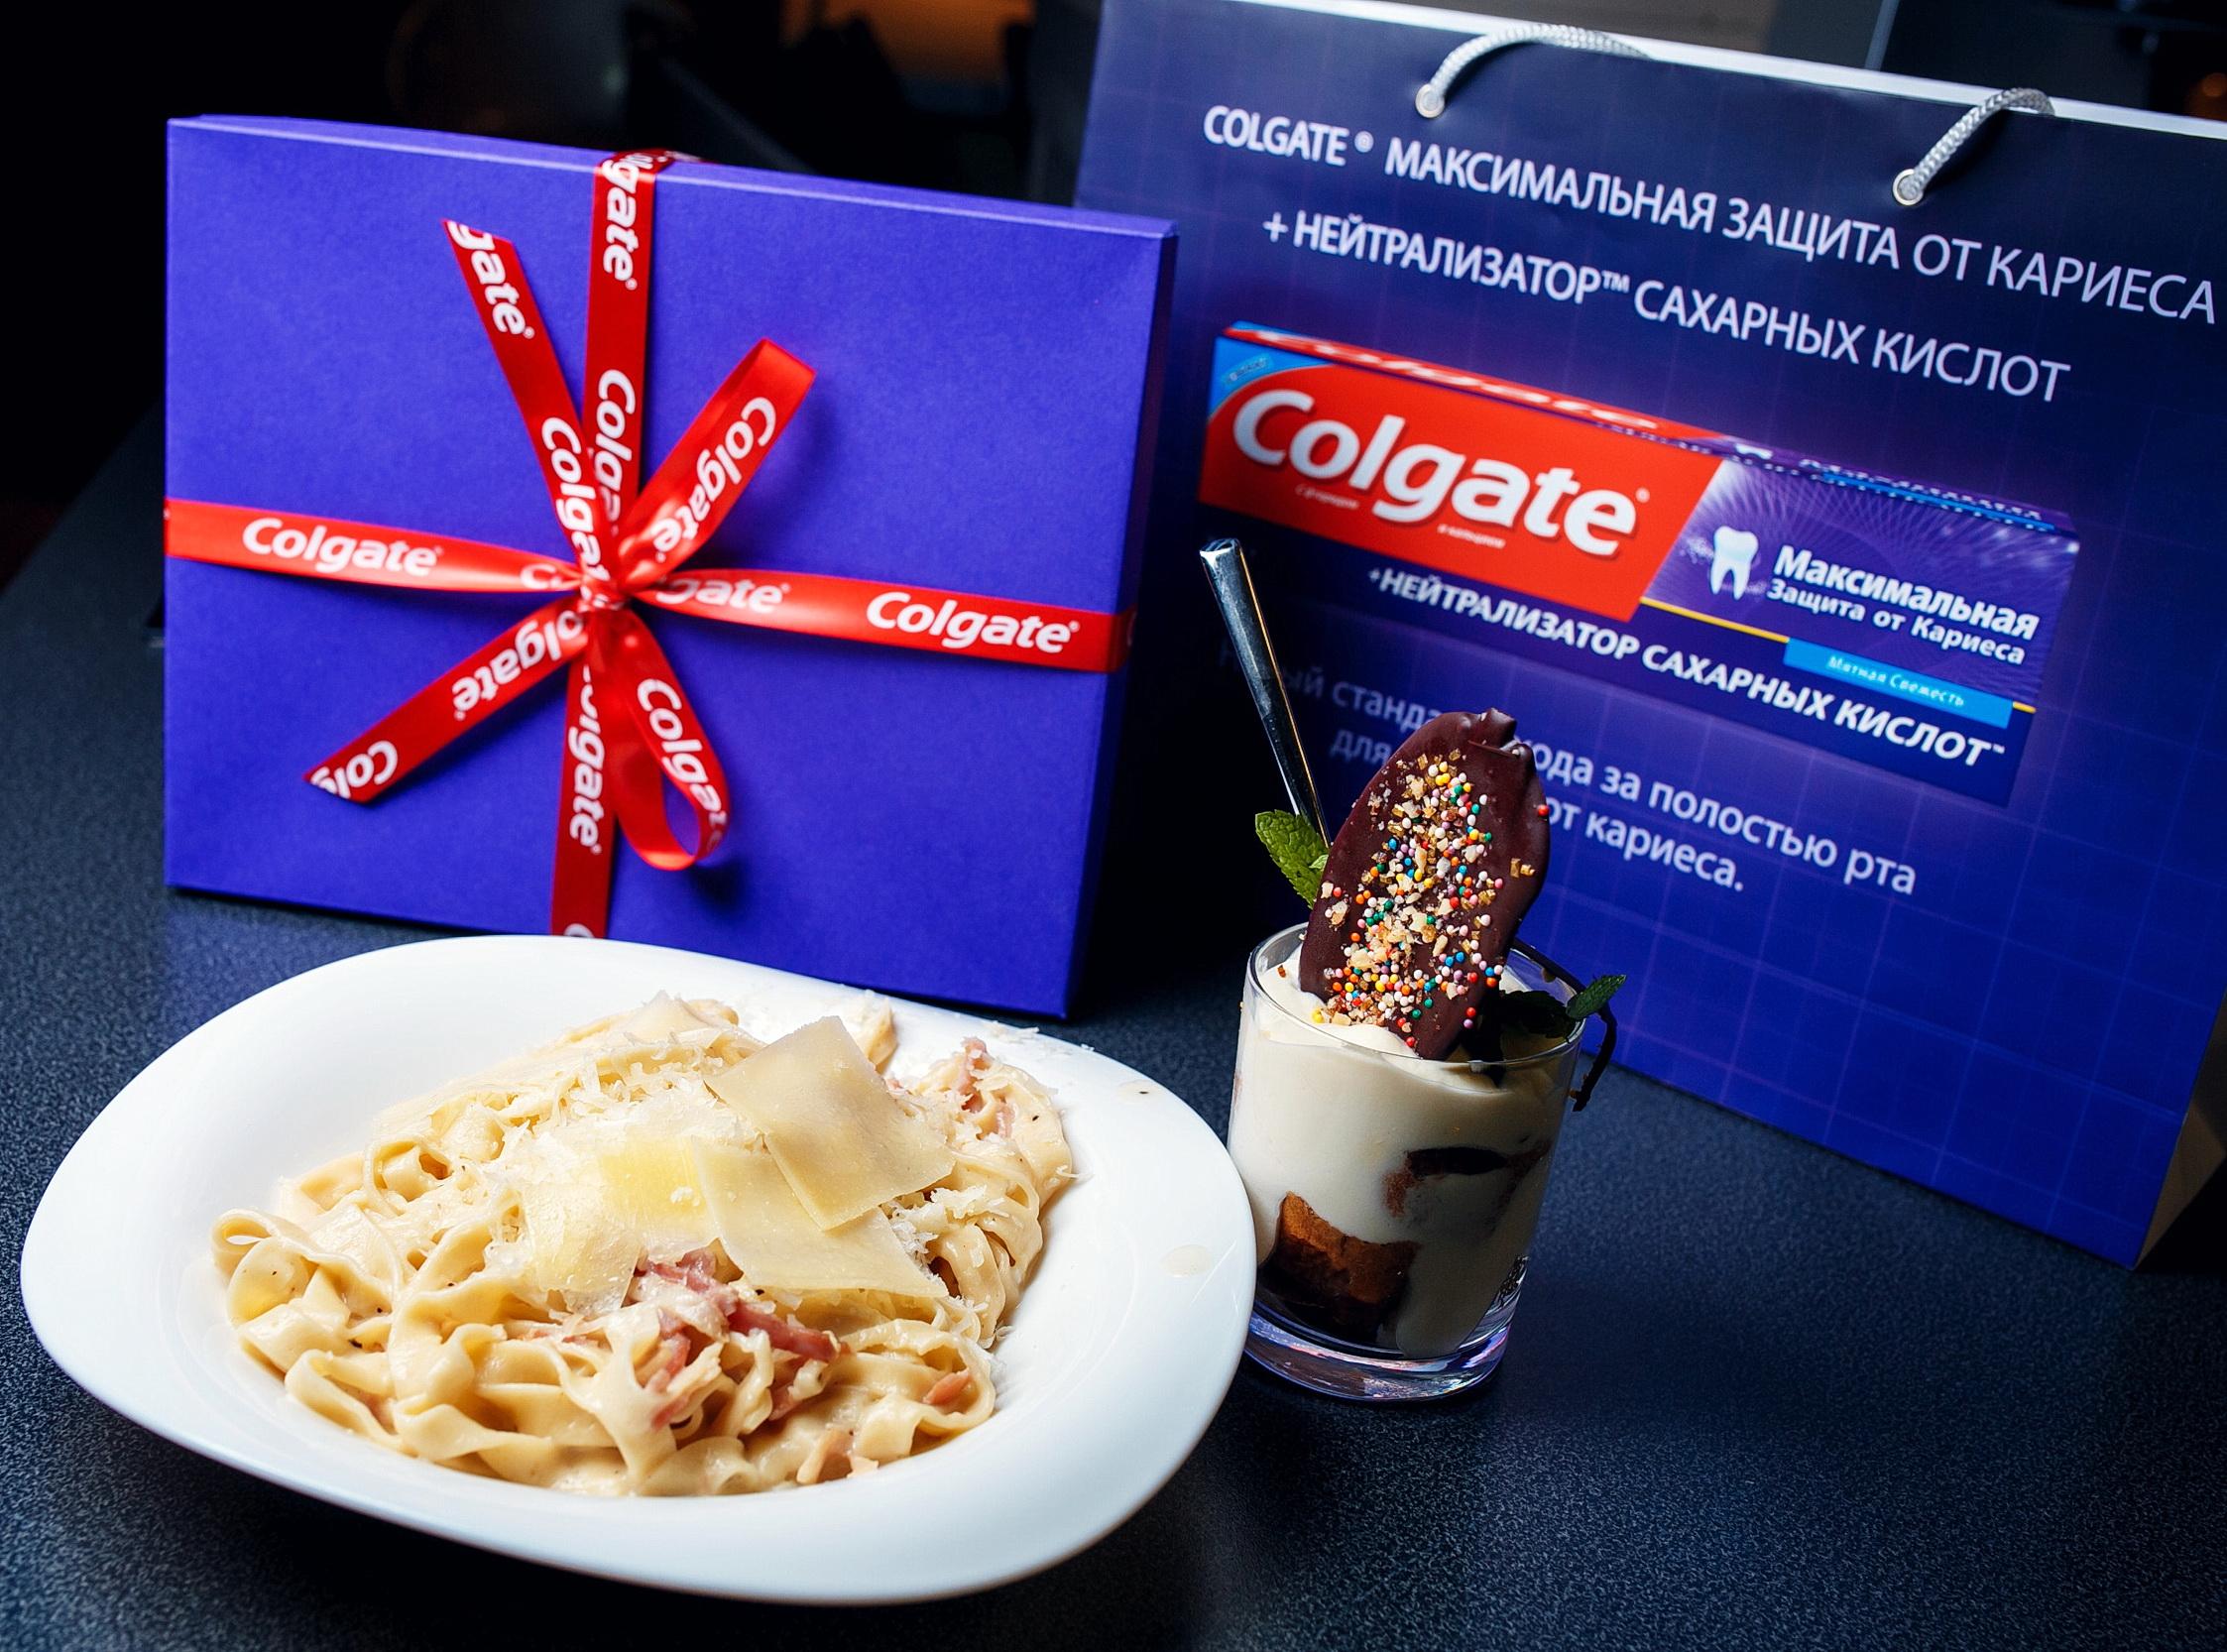 """Кулинарная вечеринки """"Еда без вреда"""" с Colgate"""